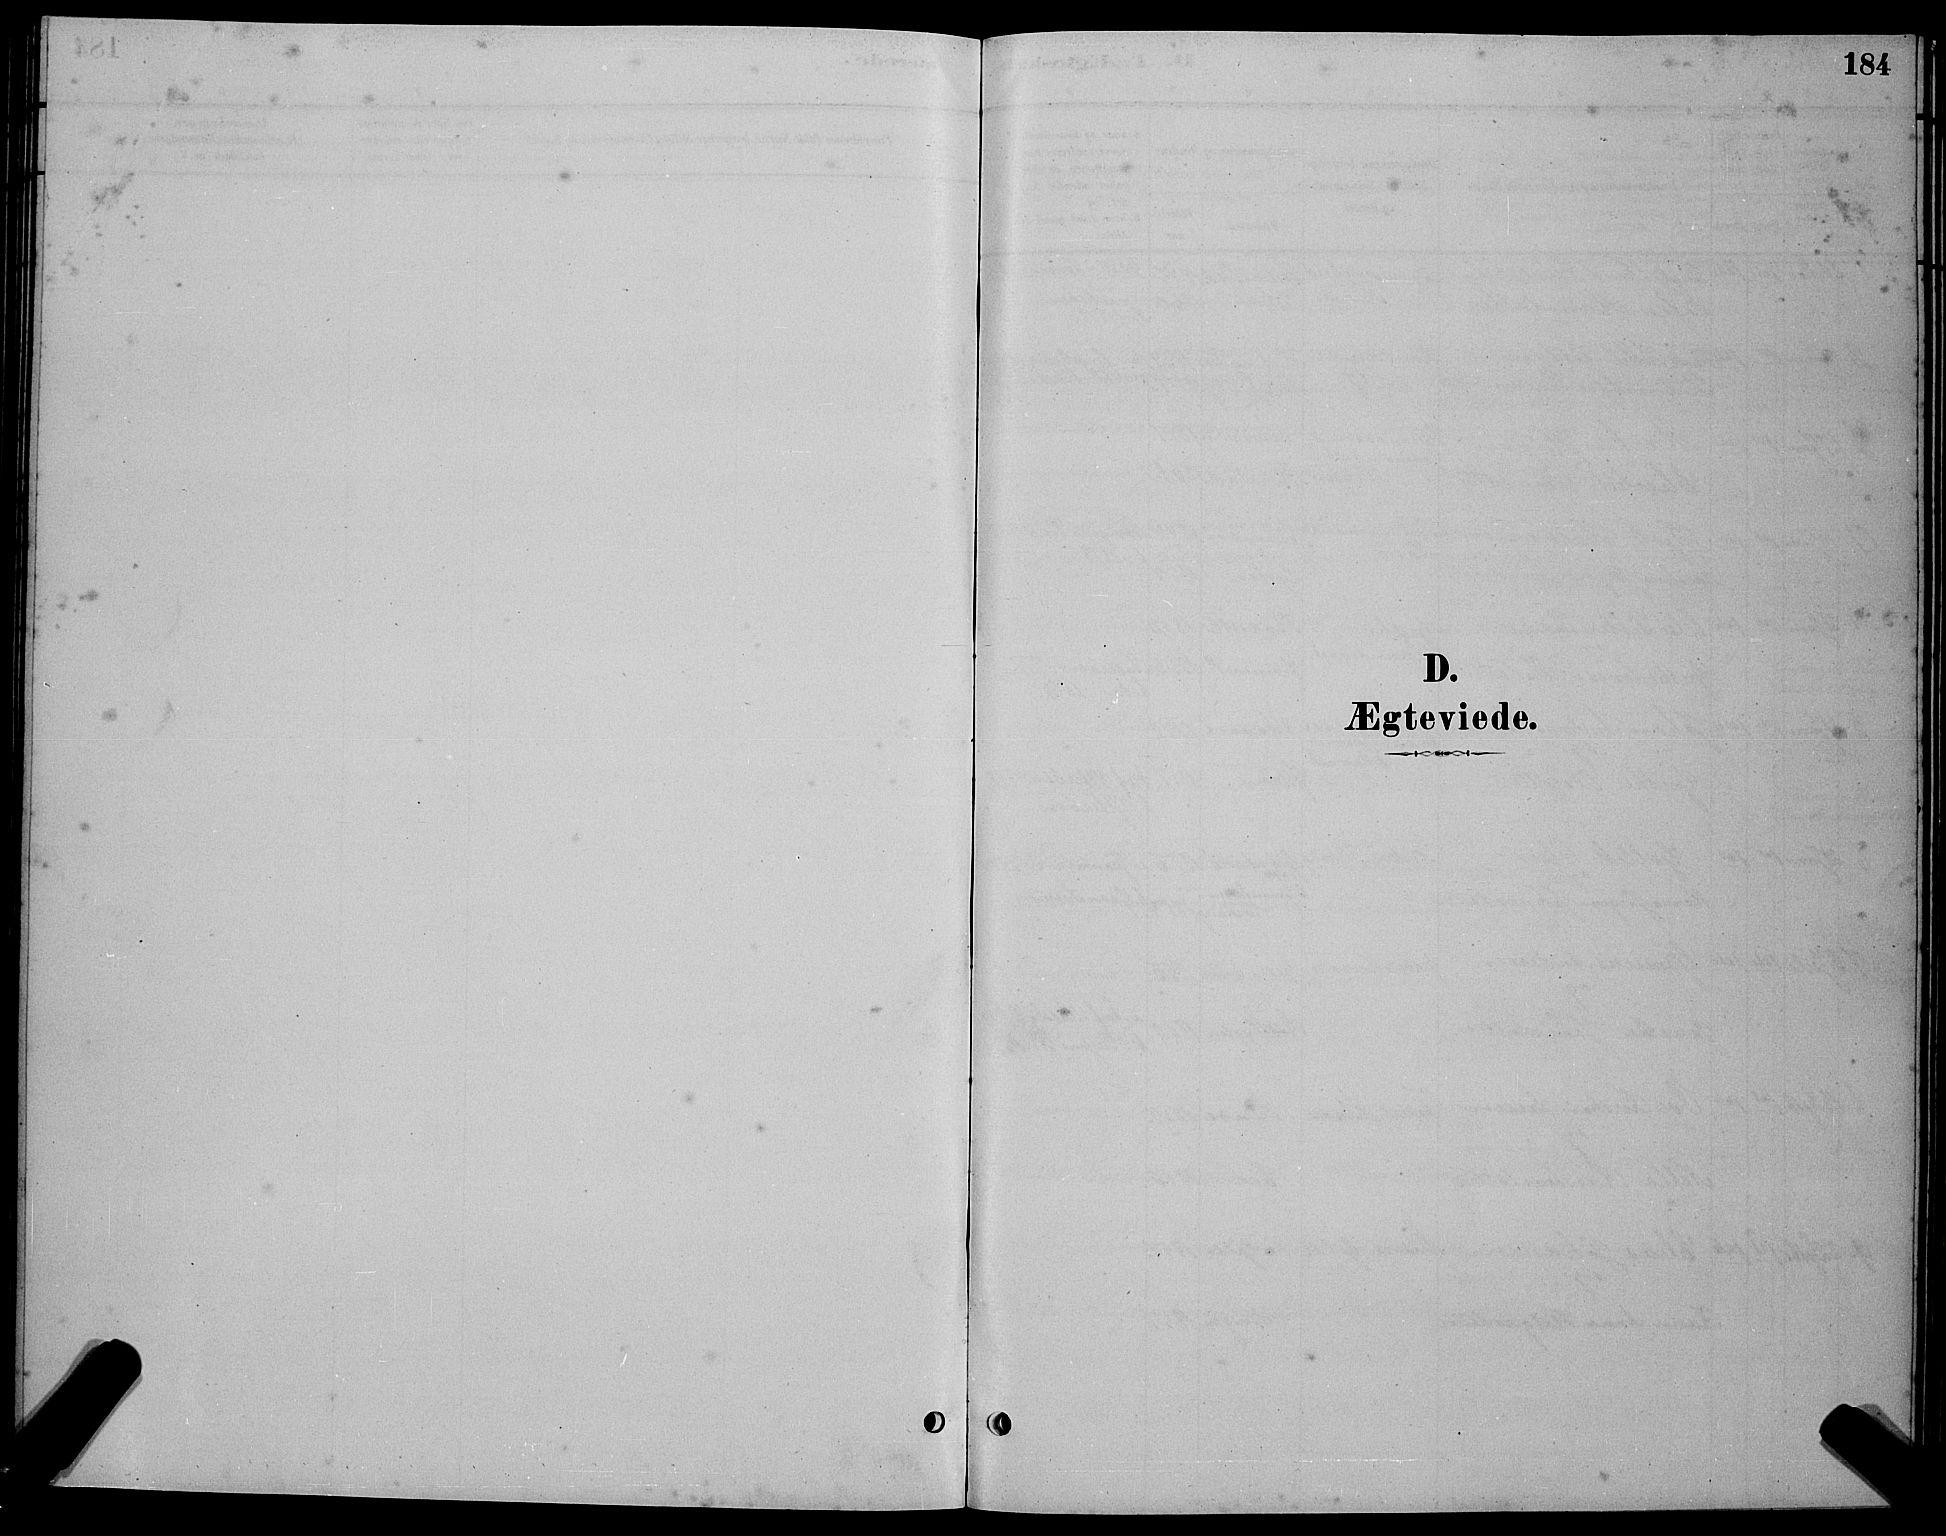 SAT, Ministerialprotokoller, klokkerbøker og fødselsregistre - Sør-Trøndelag, 655/L0687: Klokkerbok nr. 655C03, 1880-1898, s. 184